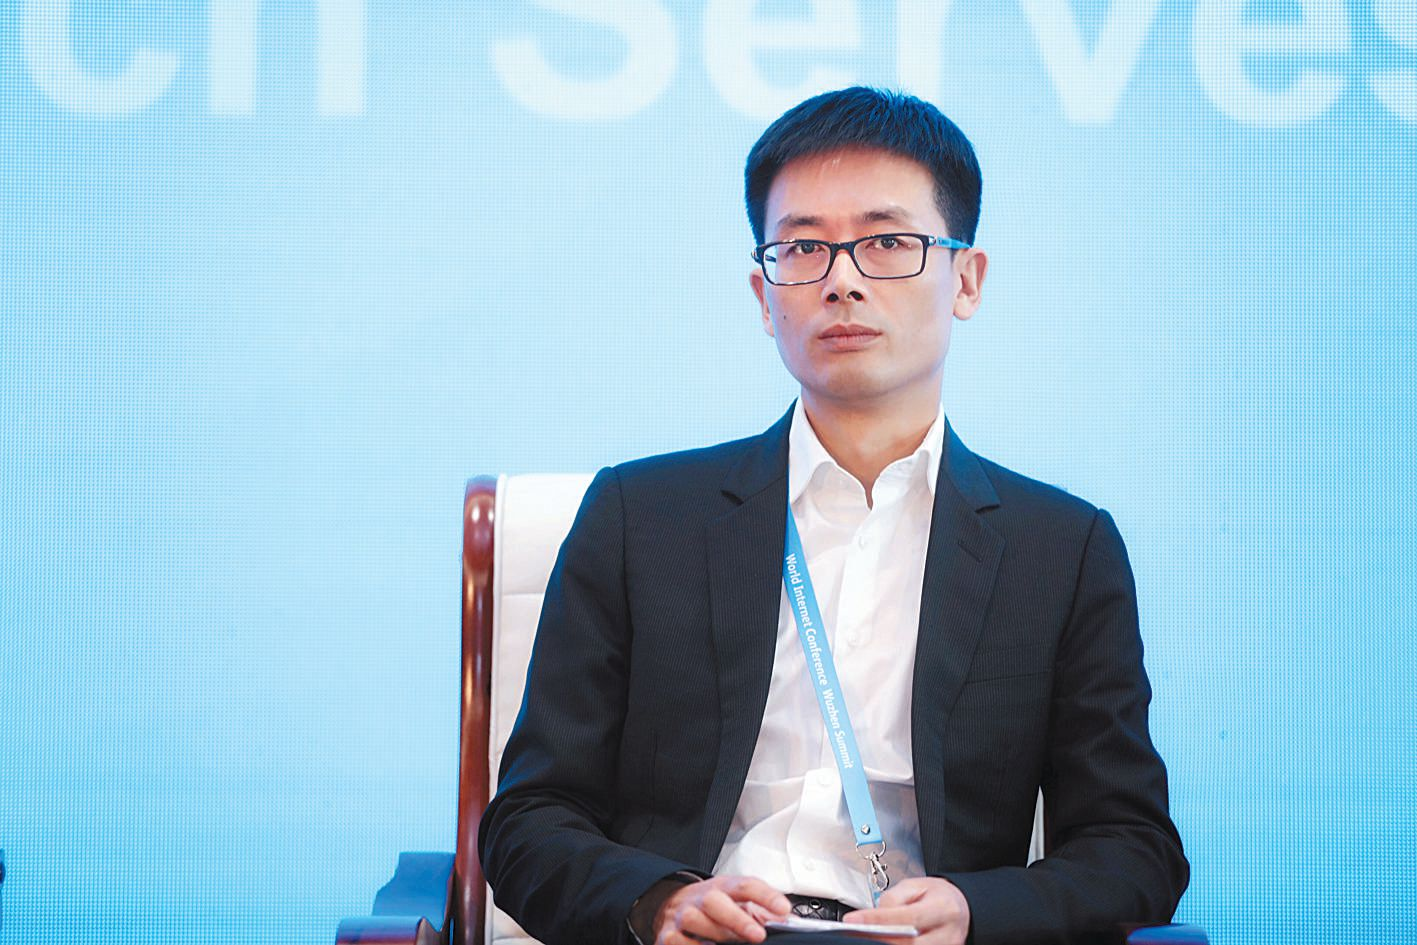 陈生强:数字经济变革撬动中国经济存量转型